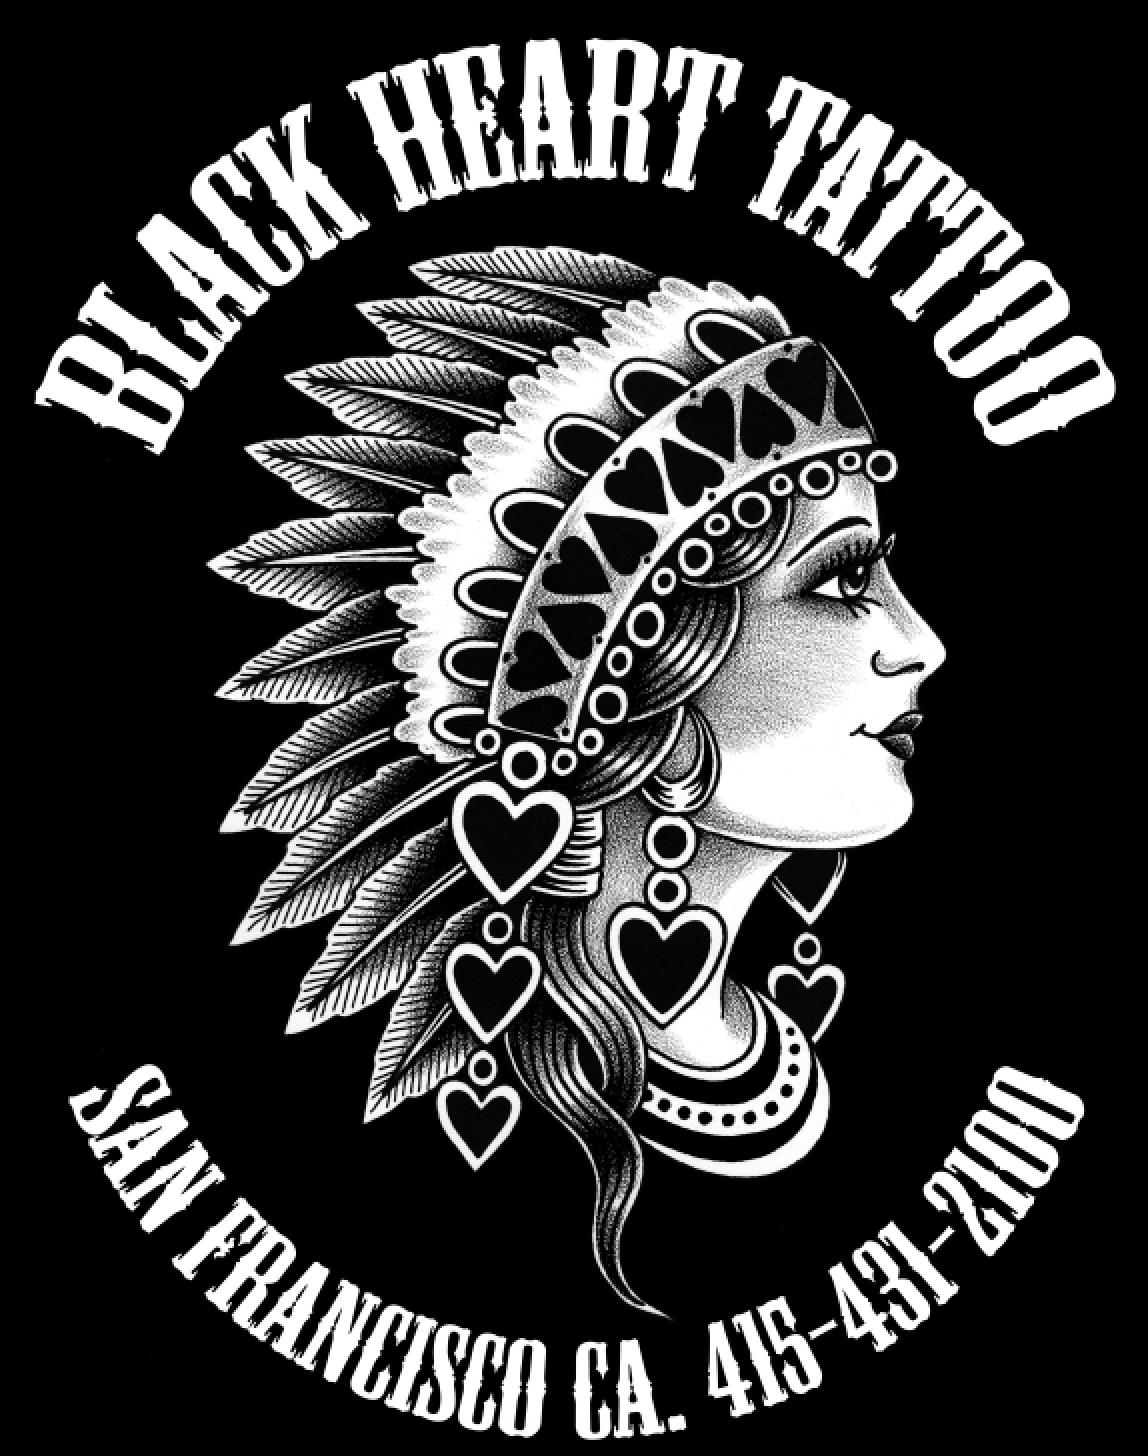 Black Heart Tattoo.png